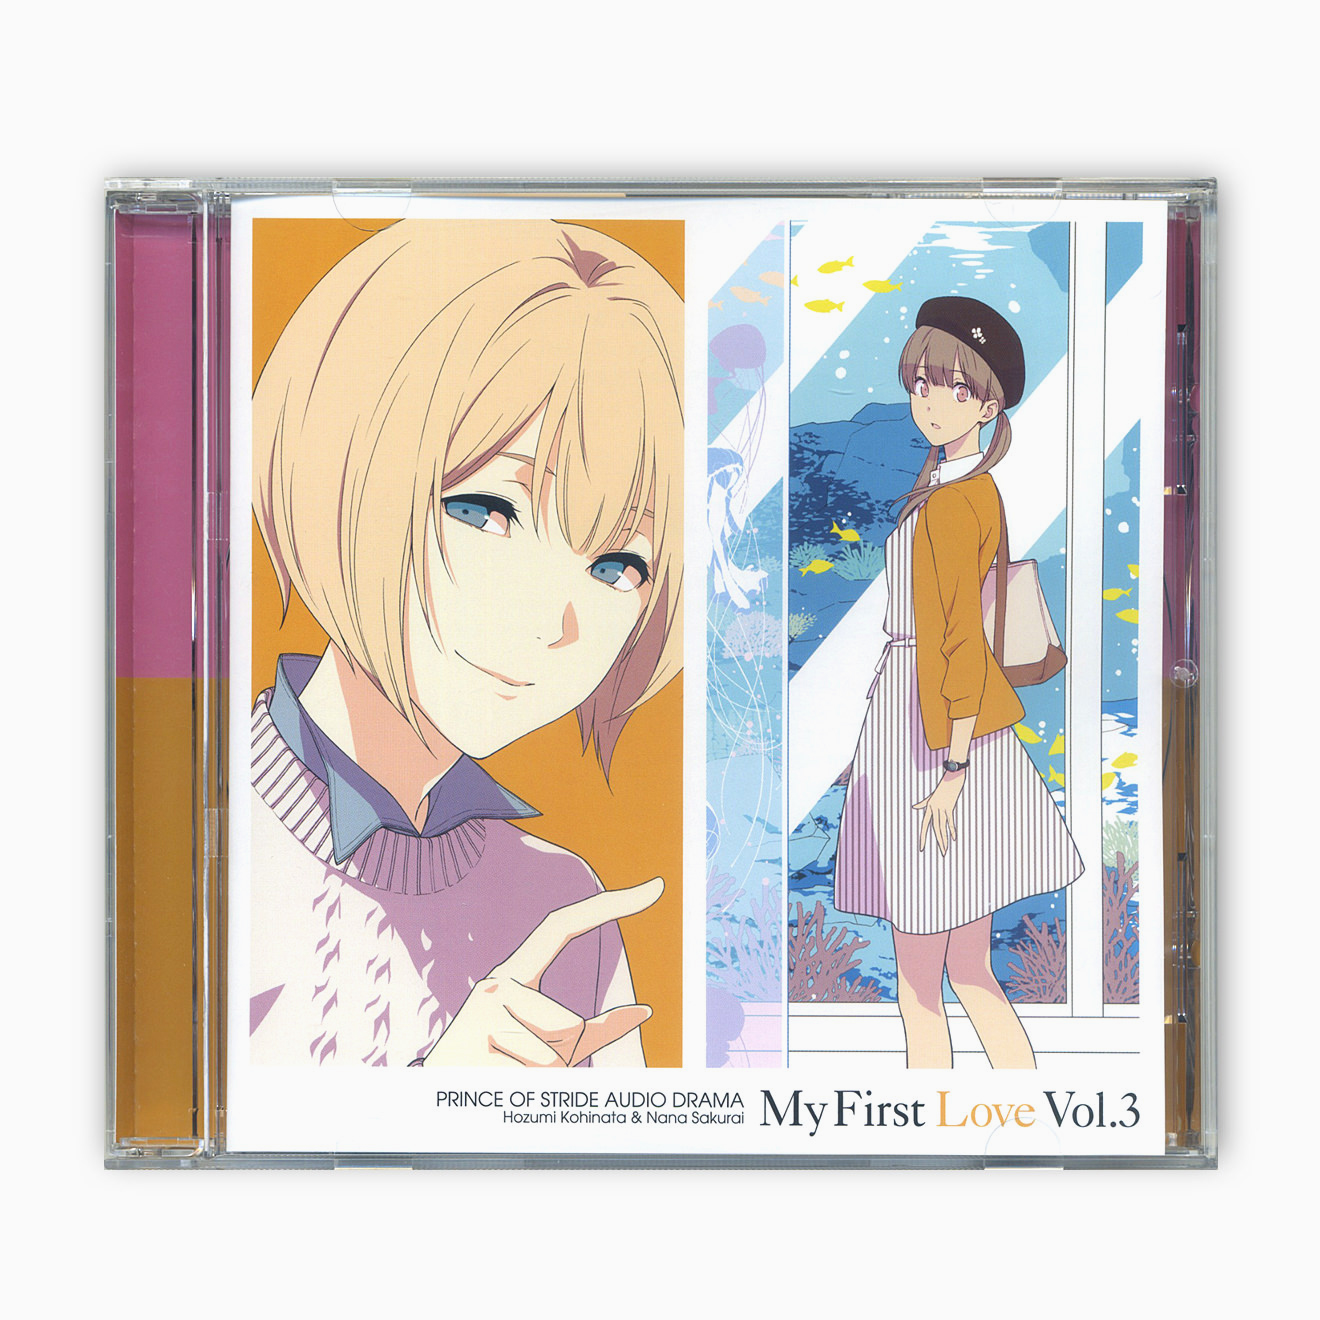 プリンス・オブ・ストライド オーディオドラマ MY FIRST LOVE Vol.1〜3